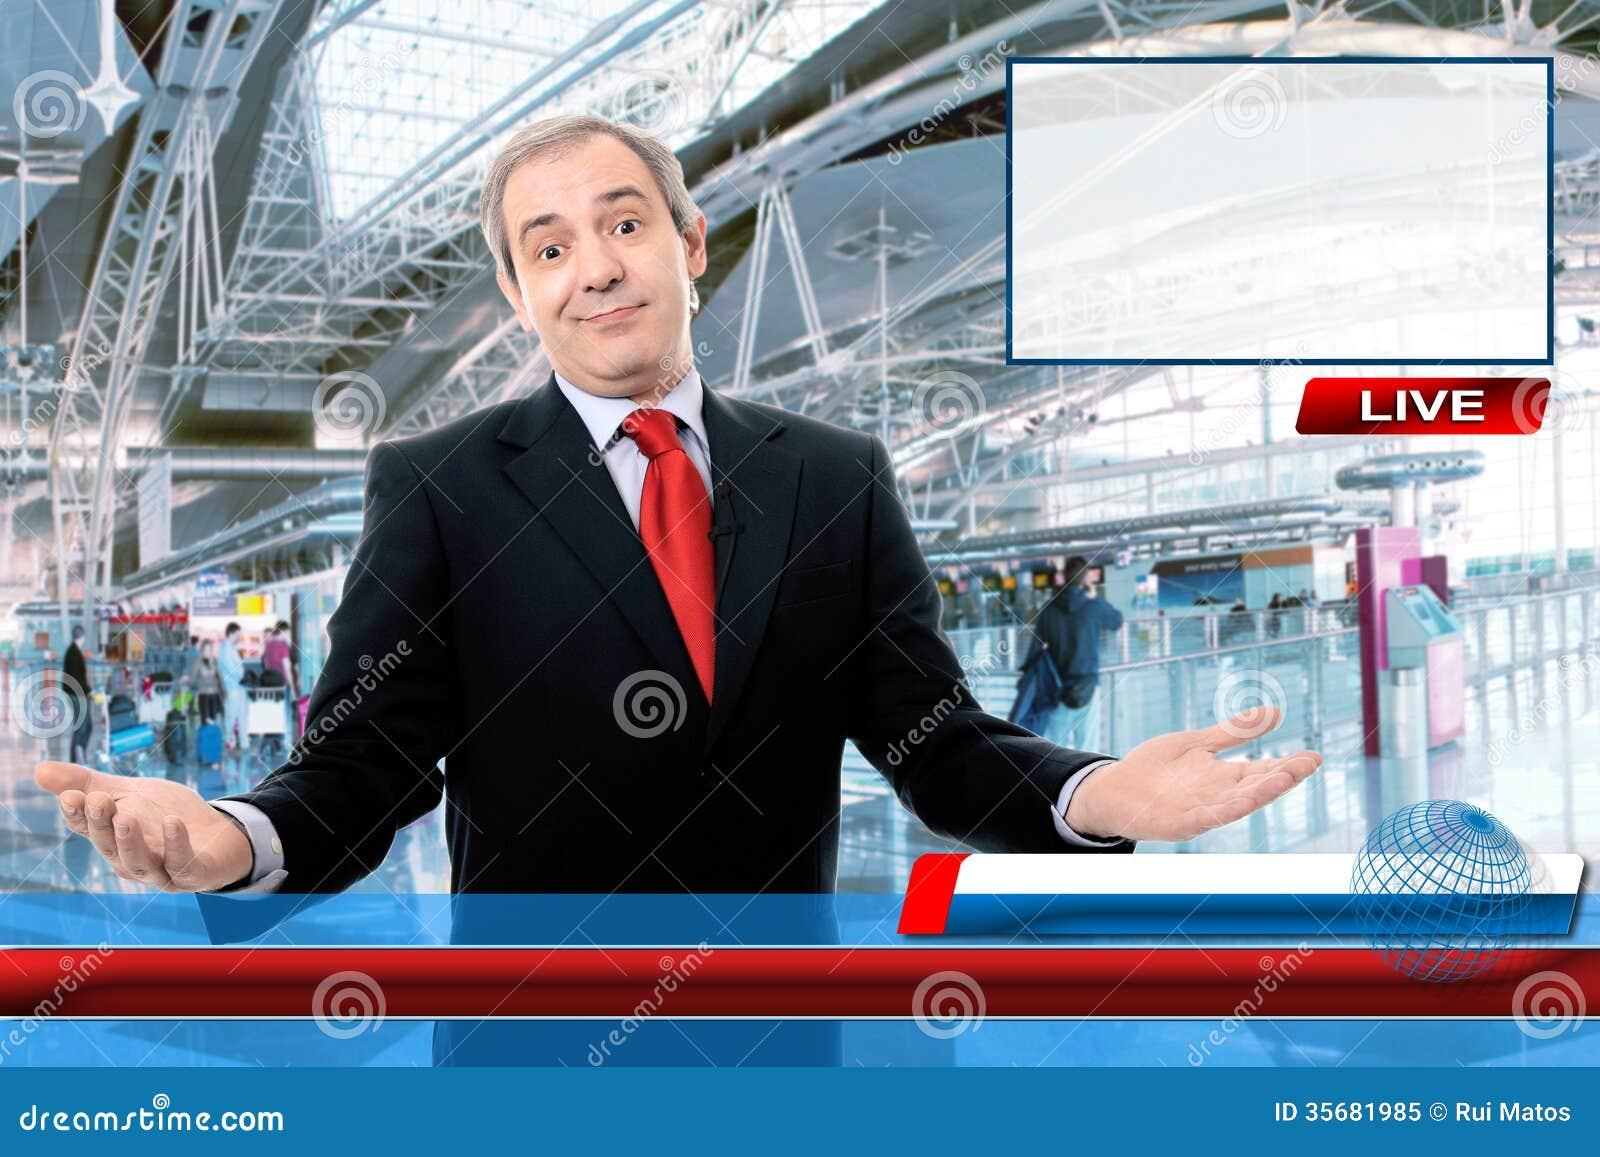 TVnyheternareporter